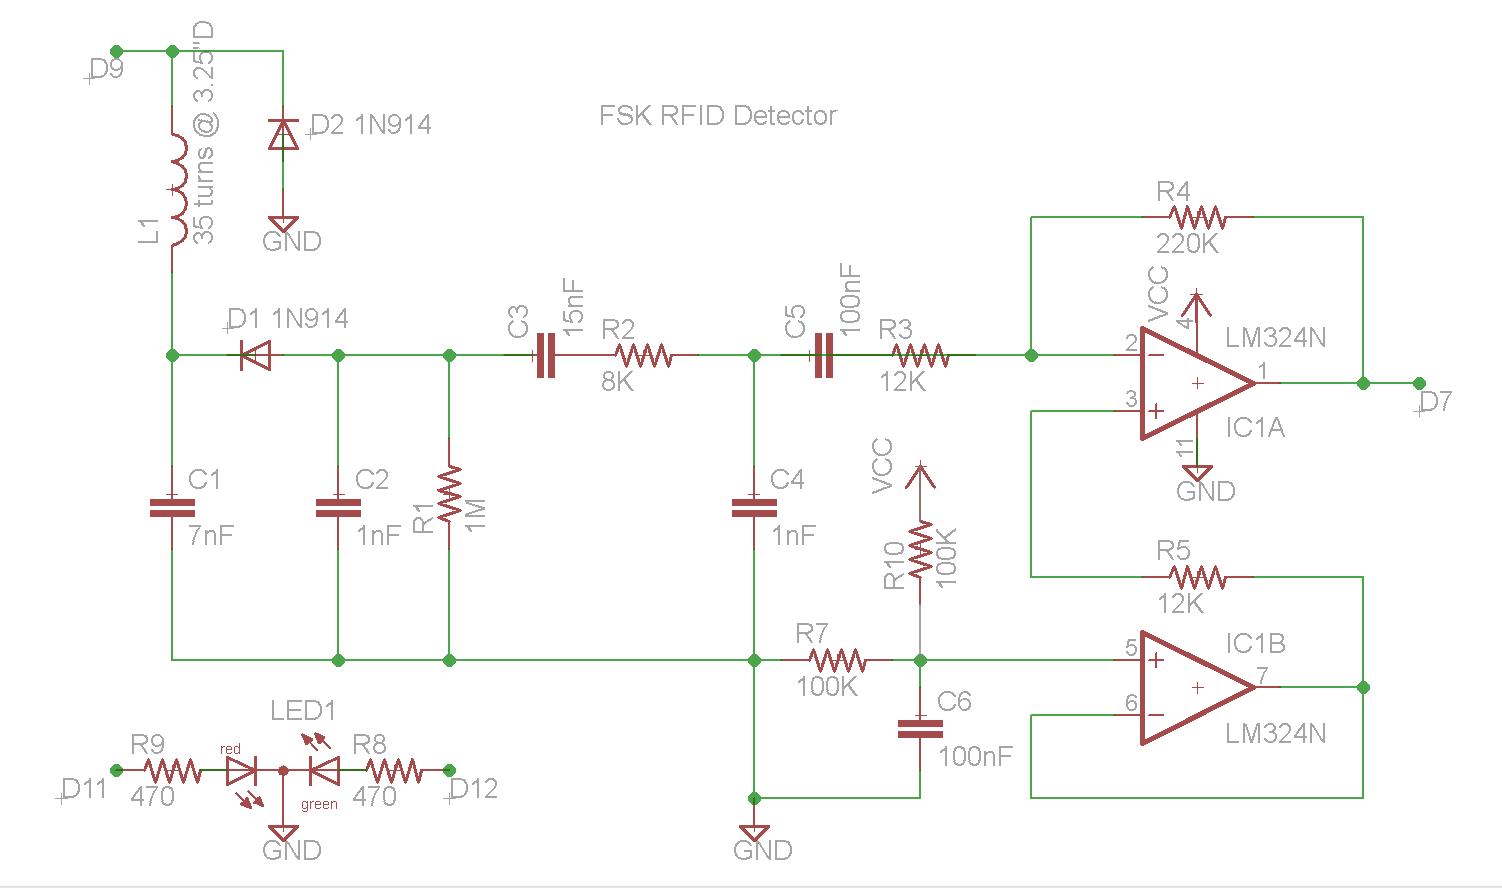 Arduino DIY FSK RFID Reader schematic